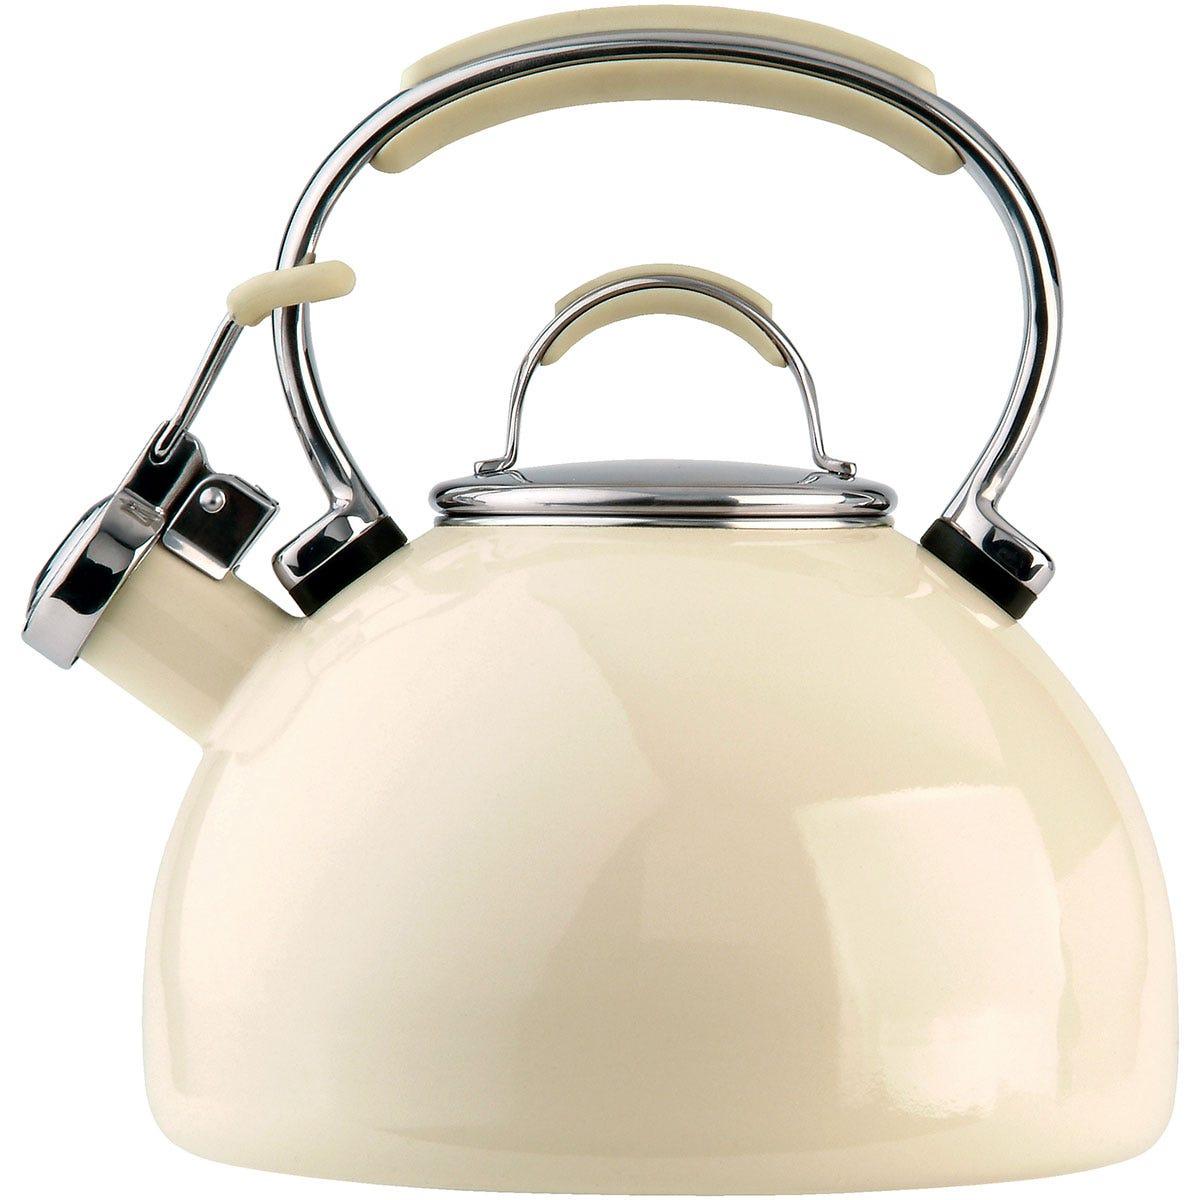 Prestige Almond Stove Top Kettle - 2L